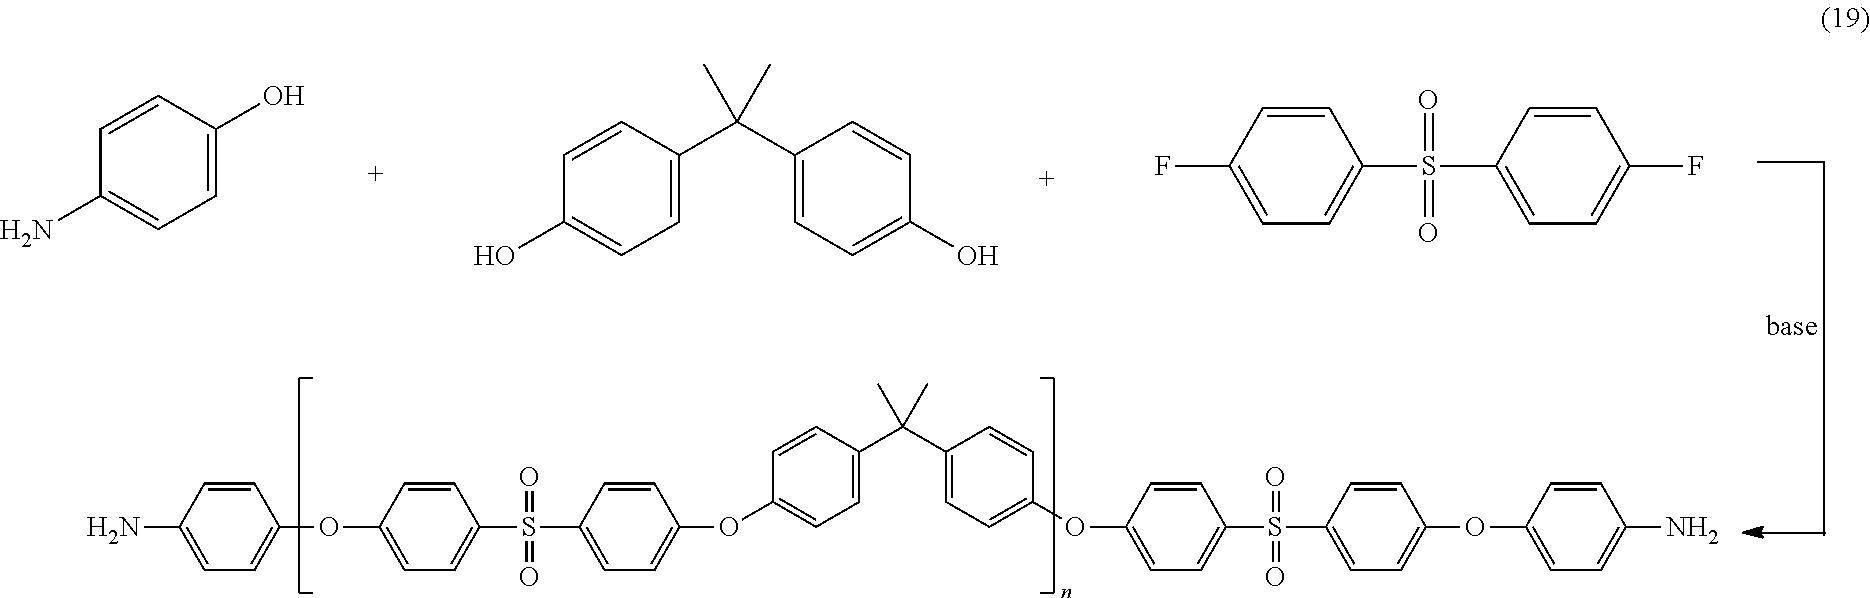 Figure US09644065-20170509-C00022